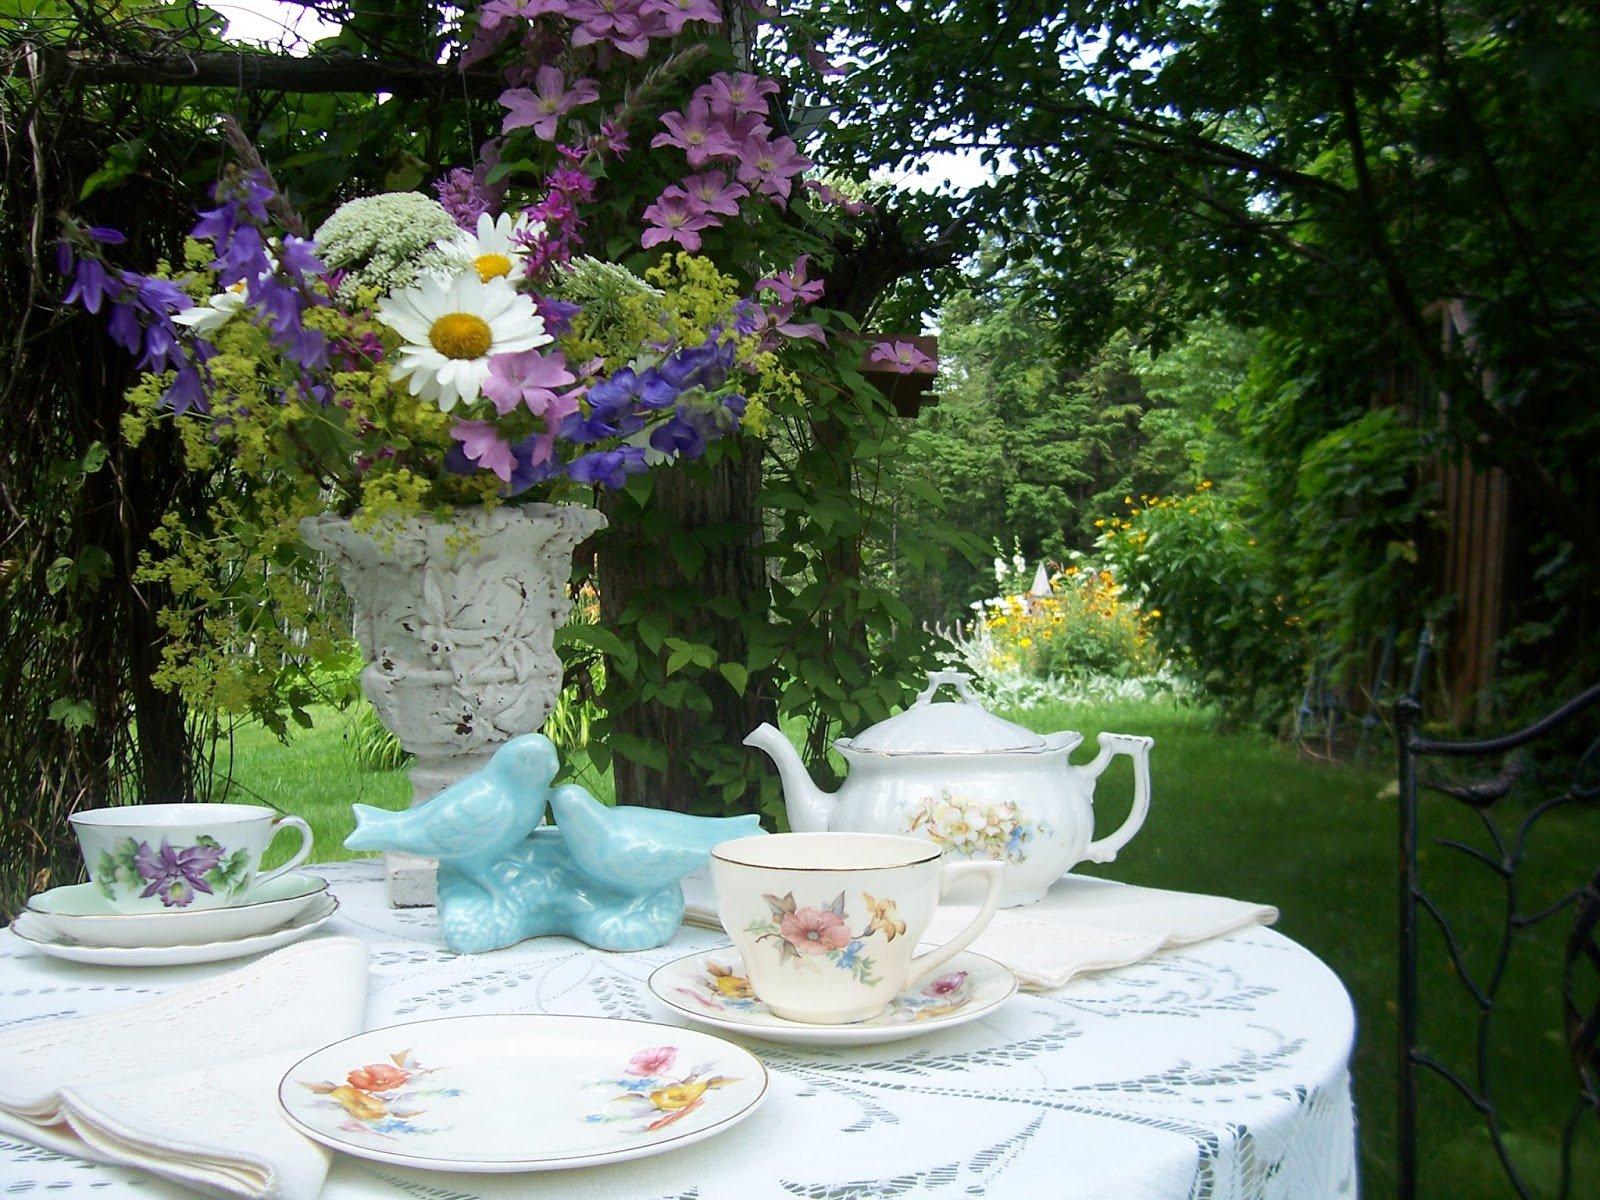 victorian garden tea time - Google Search